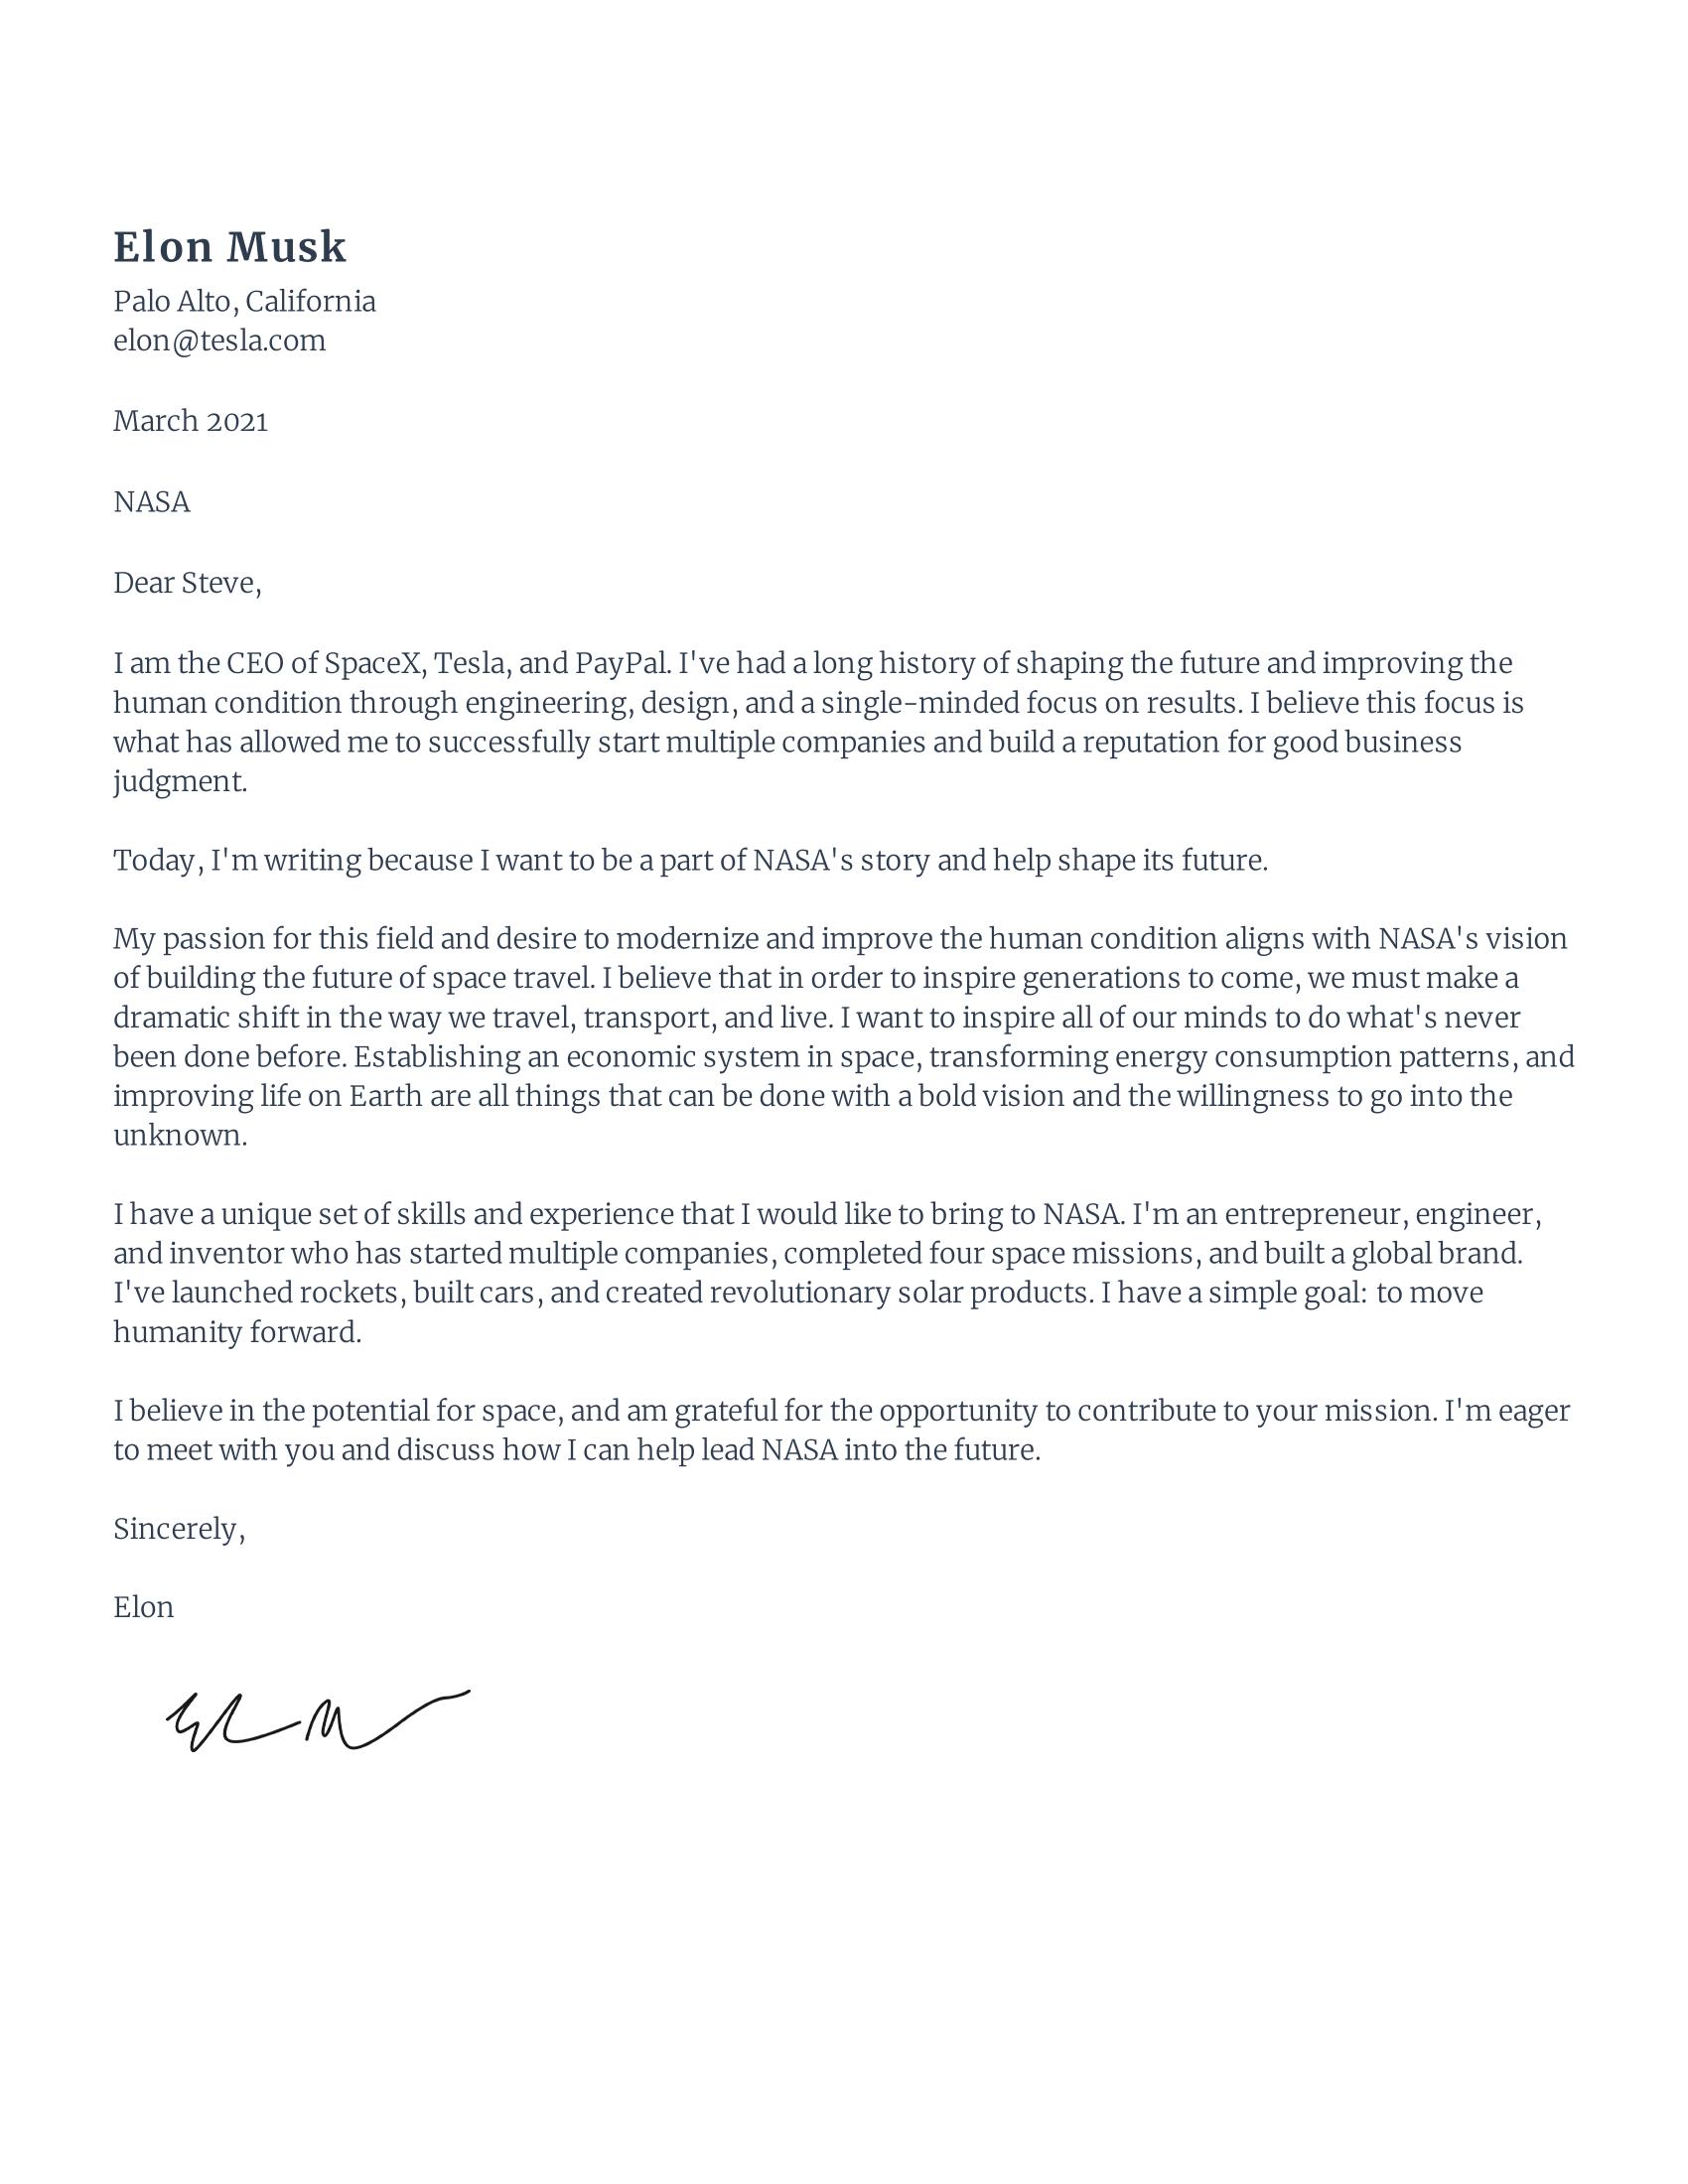 Elon musk cover letter